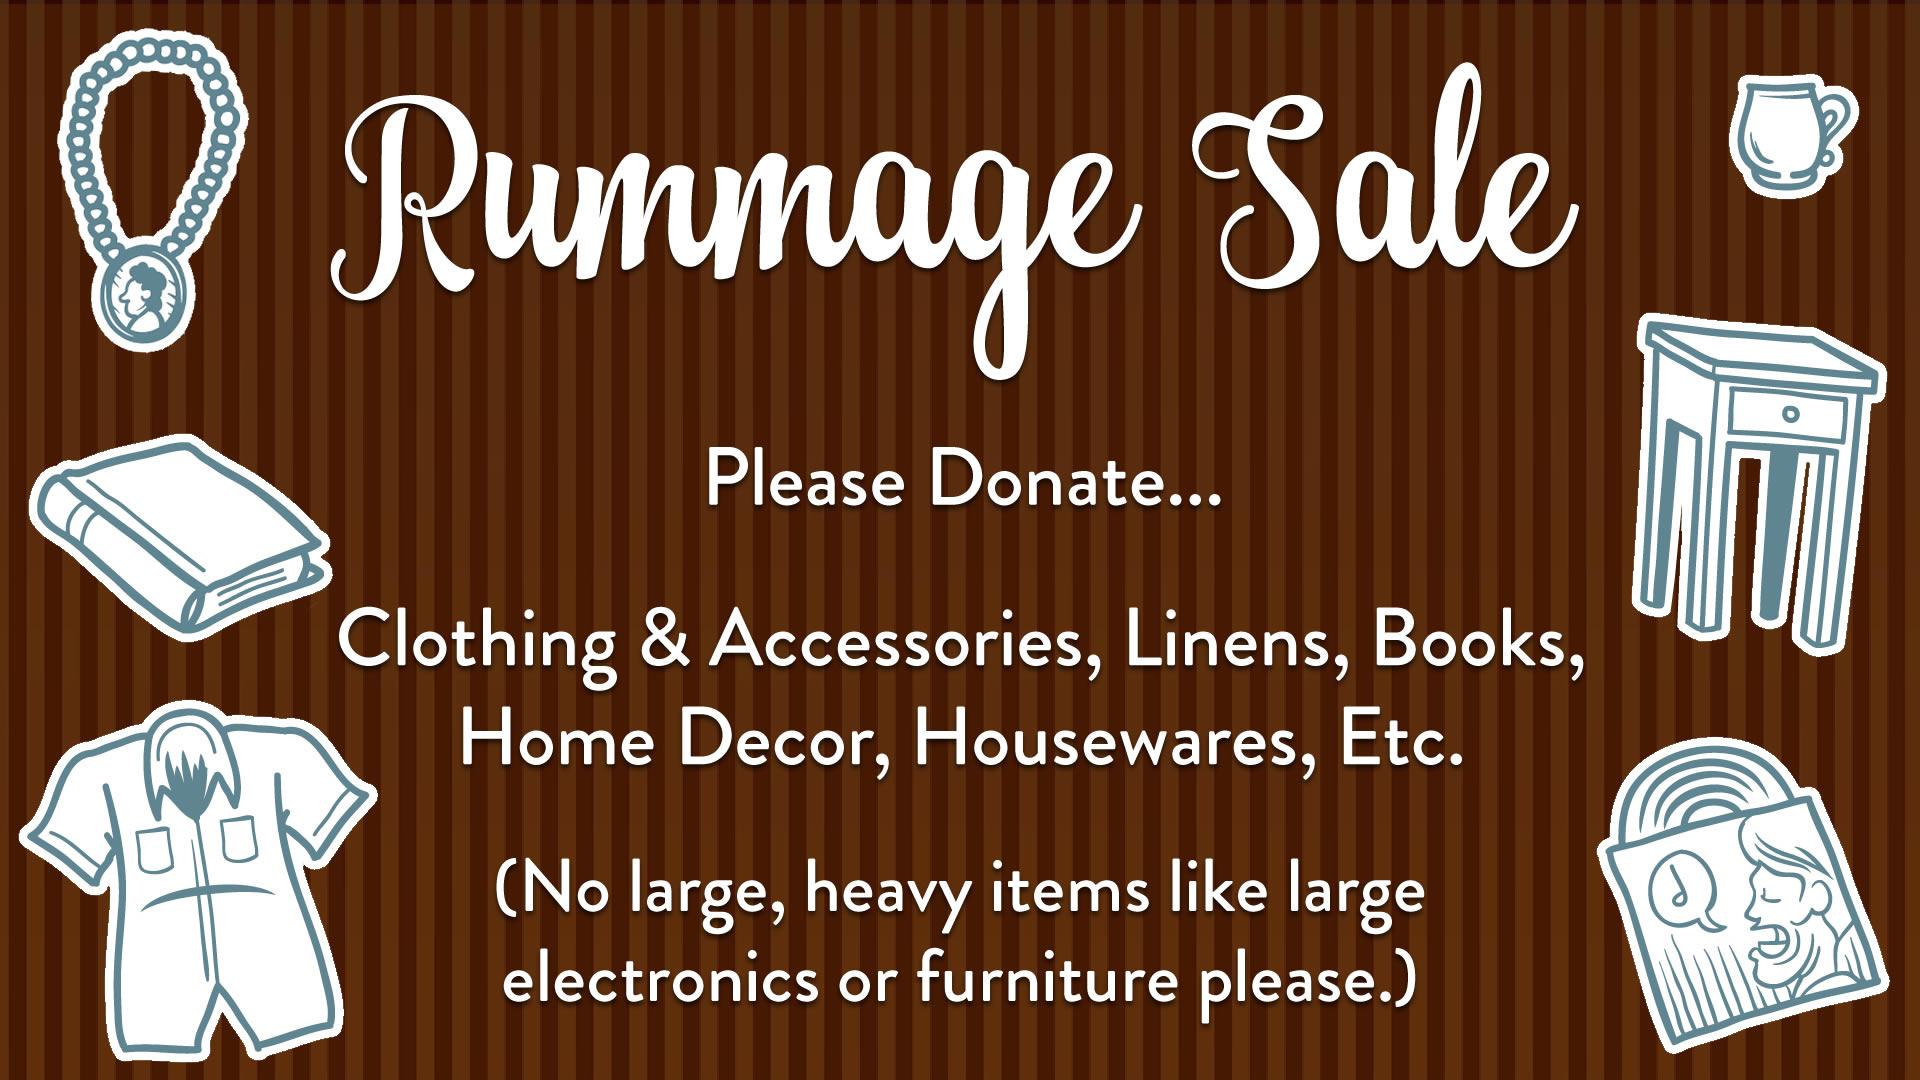 Rummage Sale Vid 2.jpg